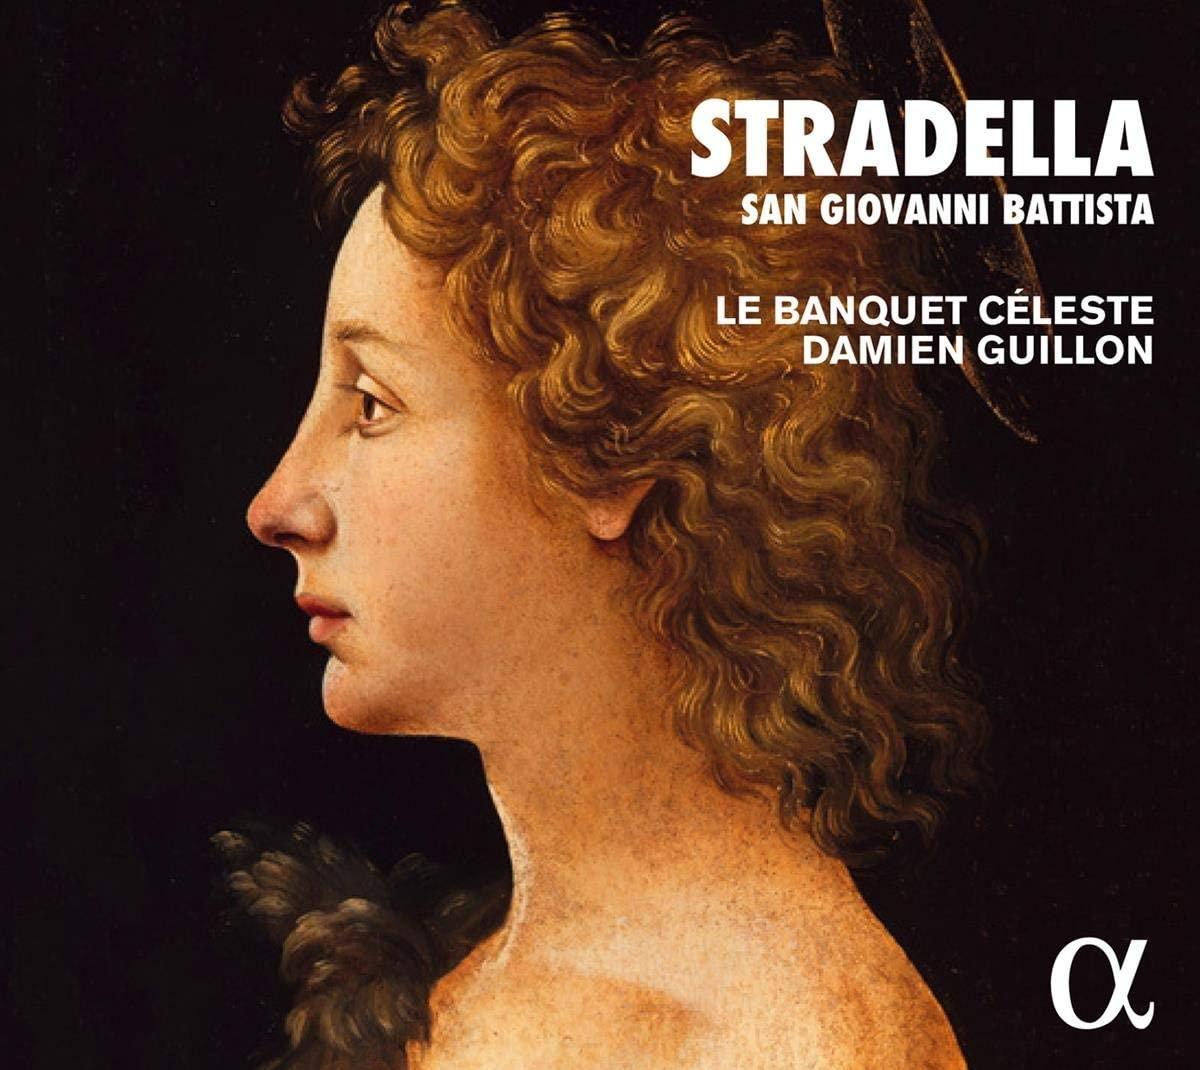 Review of STRADELLA San Giovanni Battista